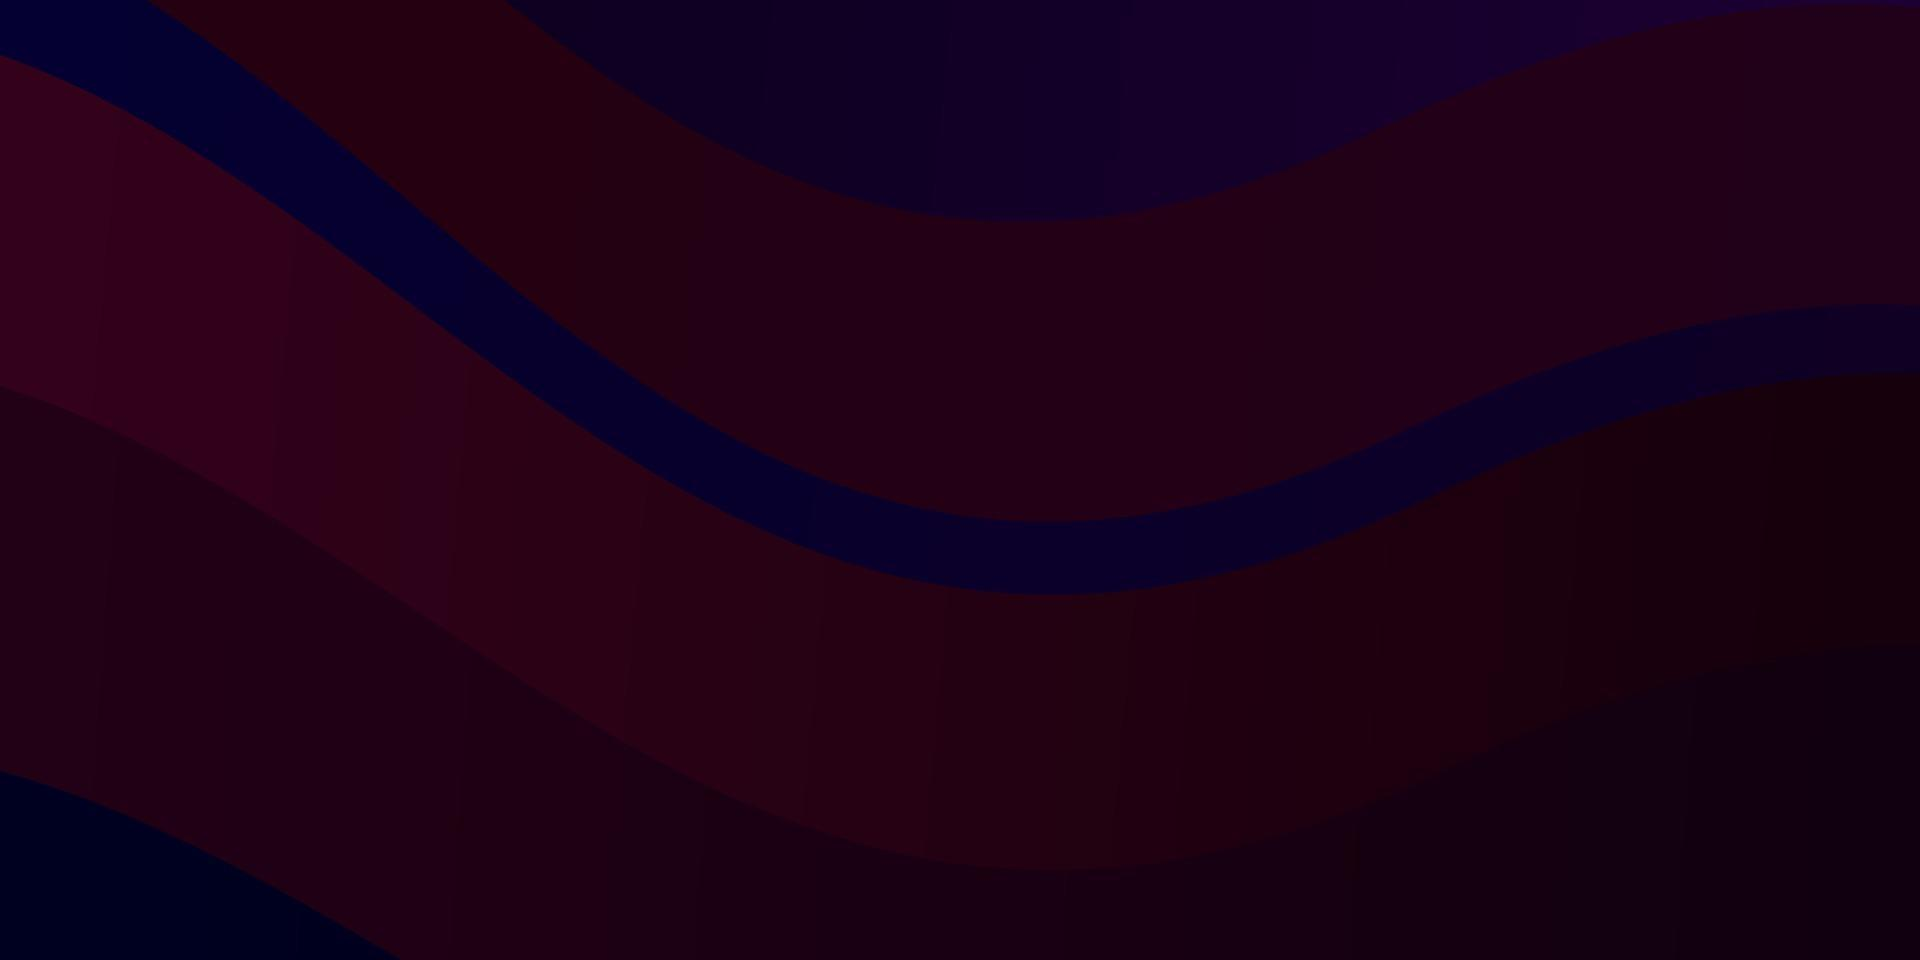 donkerblauw, rood vectorpatroon met lijnen. vector